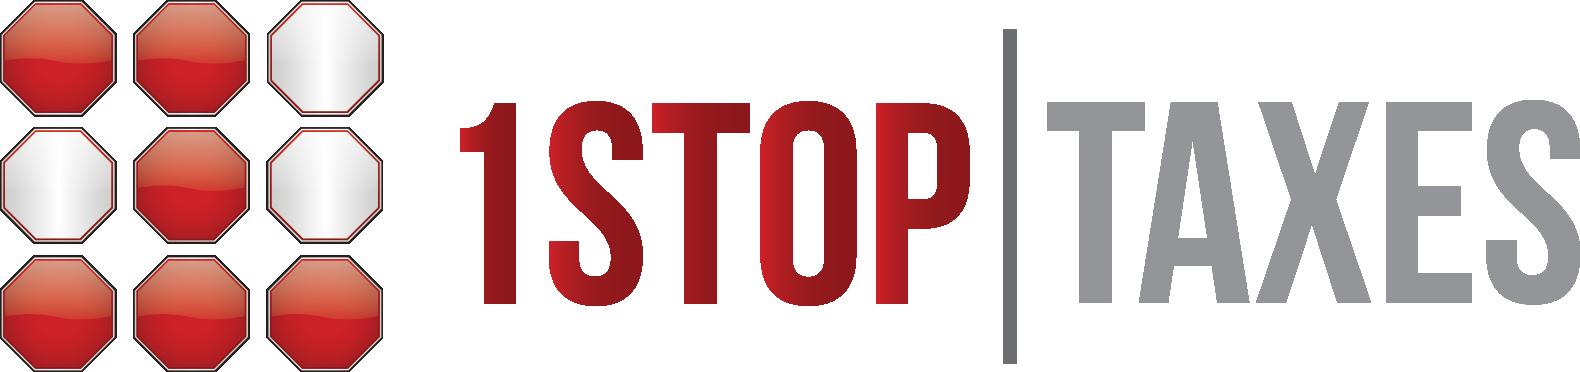 1 Stop Taxes